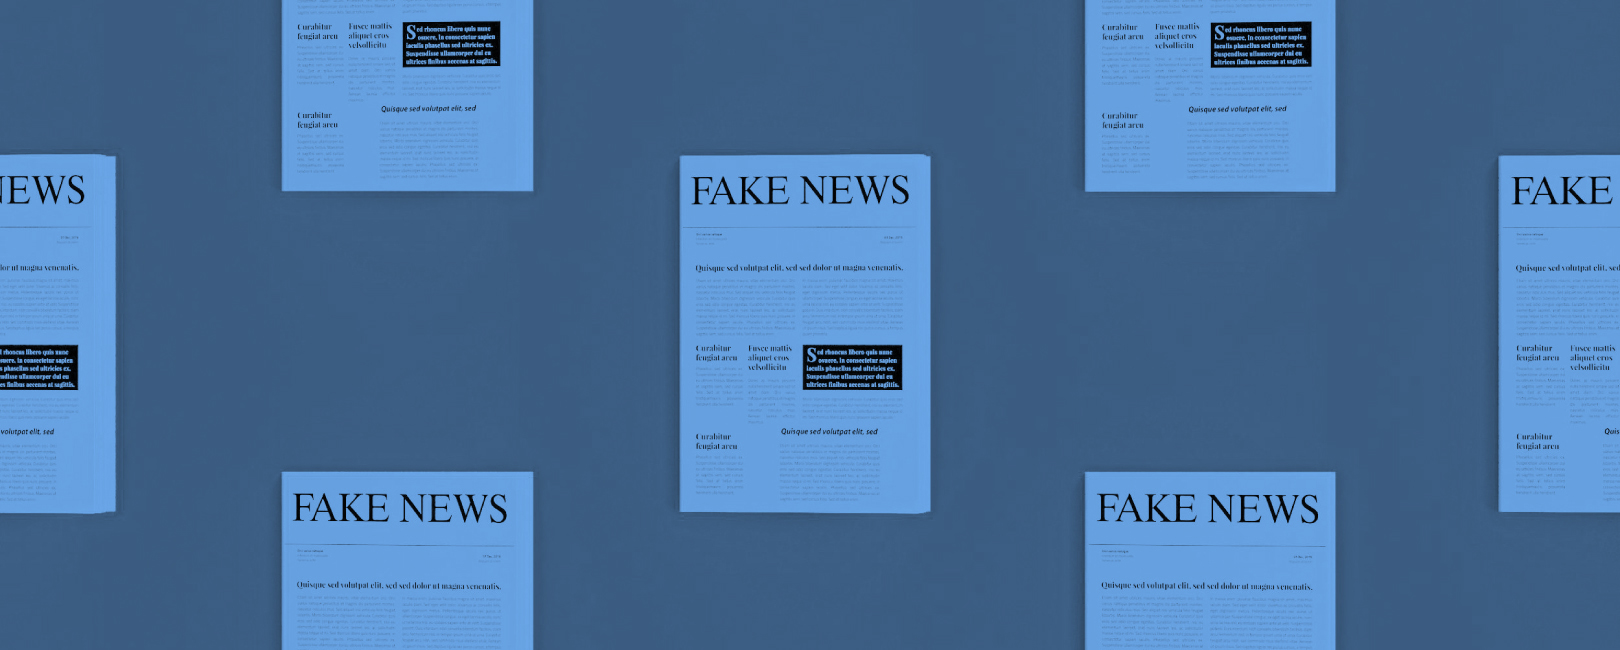 Las noticias falsas, una pandemia en plena era digital